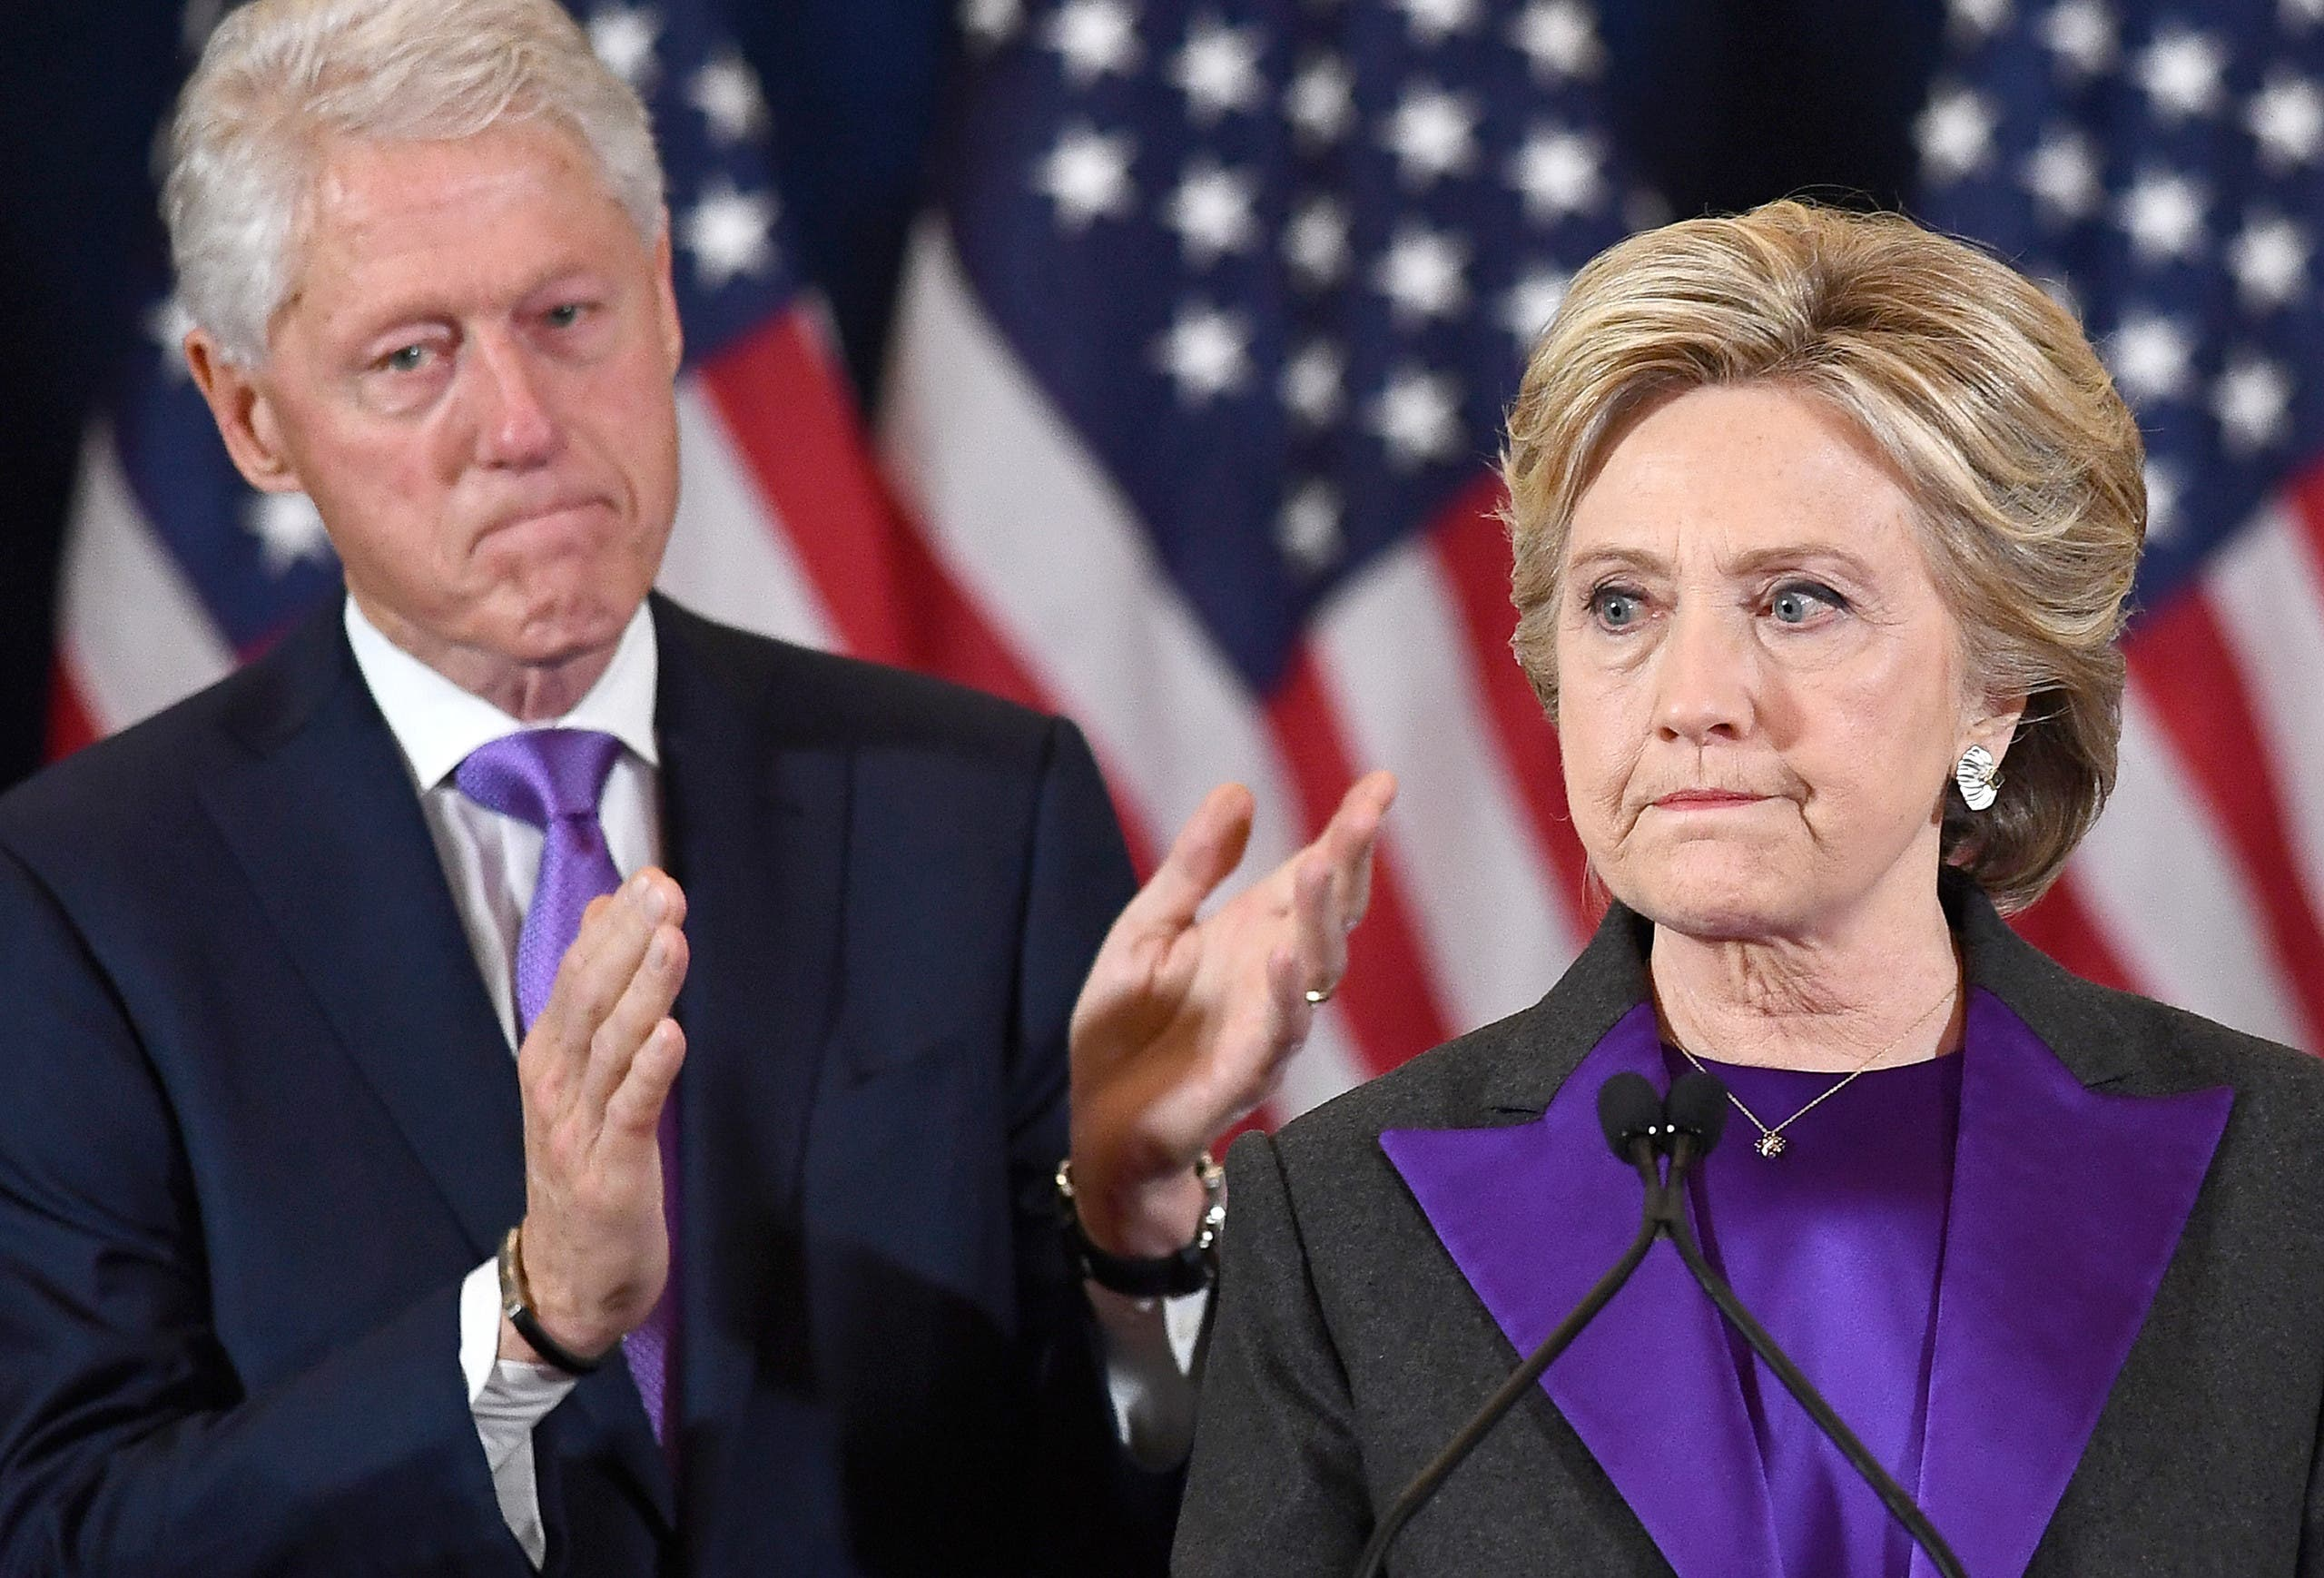 كلينتون تعترف بهزيمتها في 2016